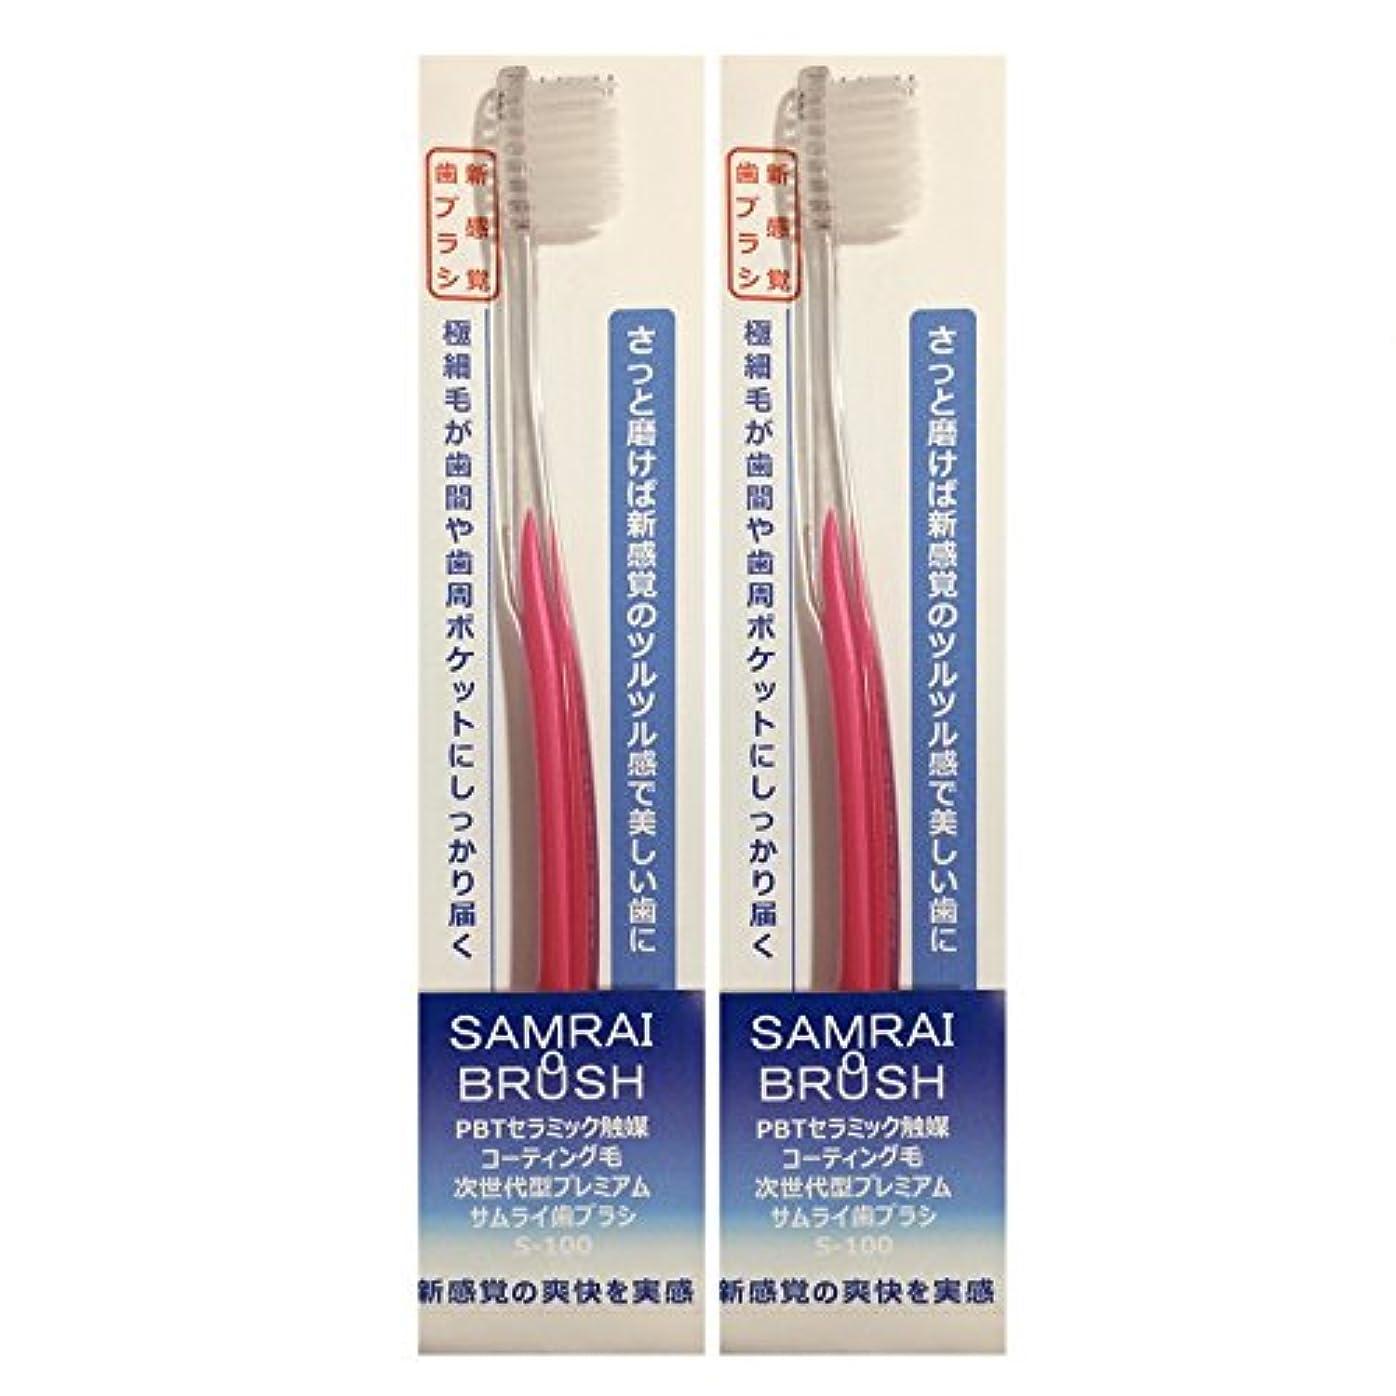 大声で発行する吸収剤サムライ(SAMRAI)歯ブラシふつう ピンク 2本